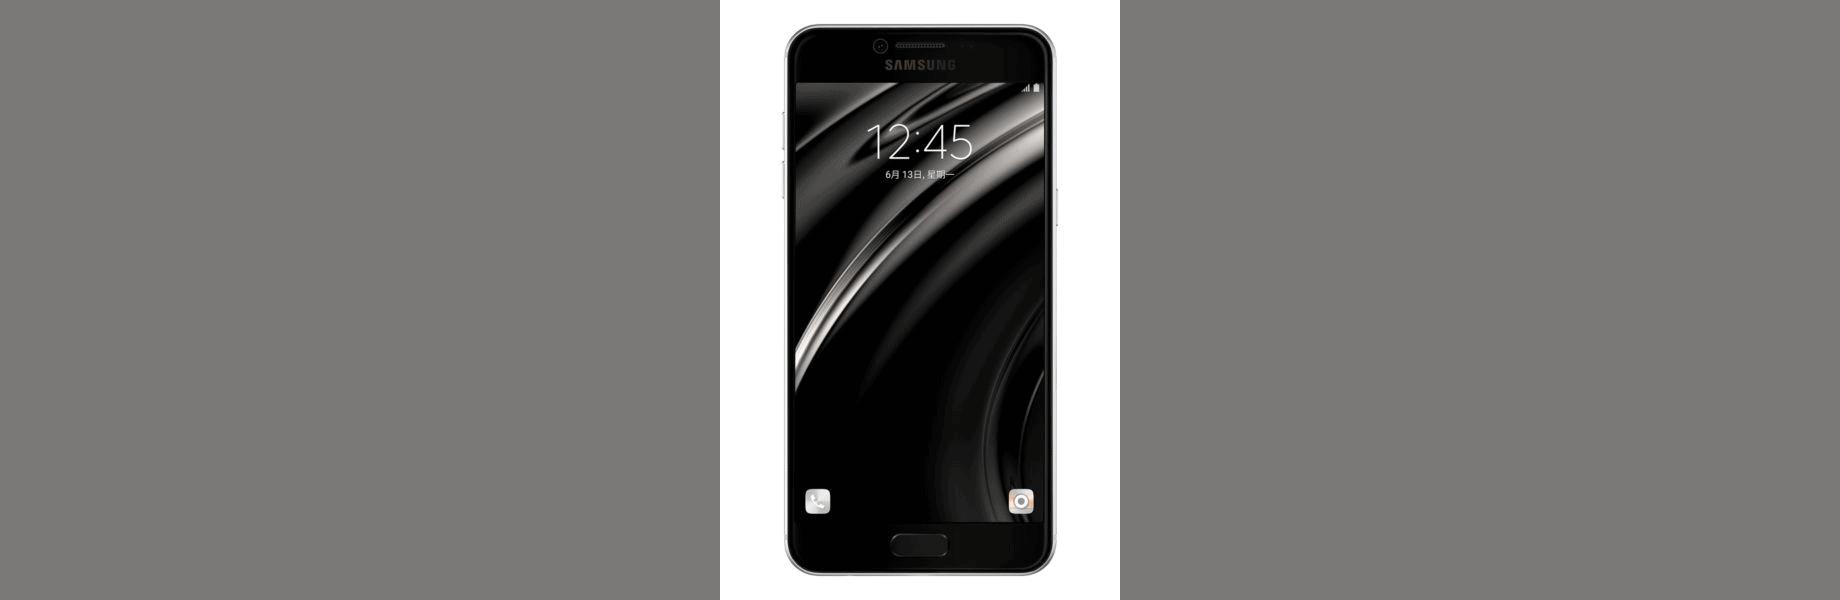 Samsung Galaxy C5 8